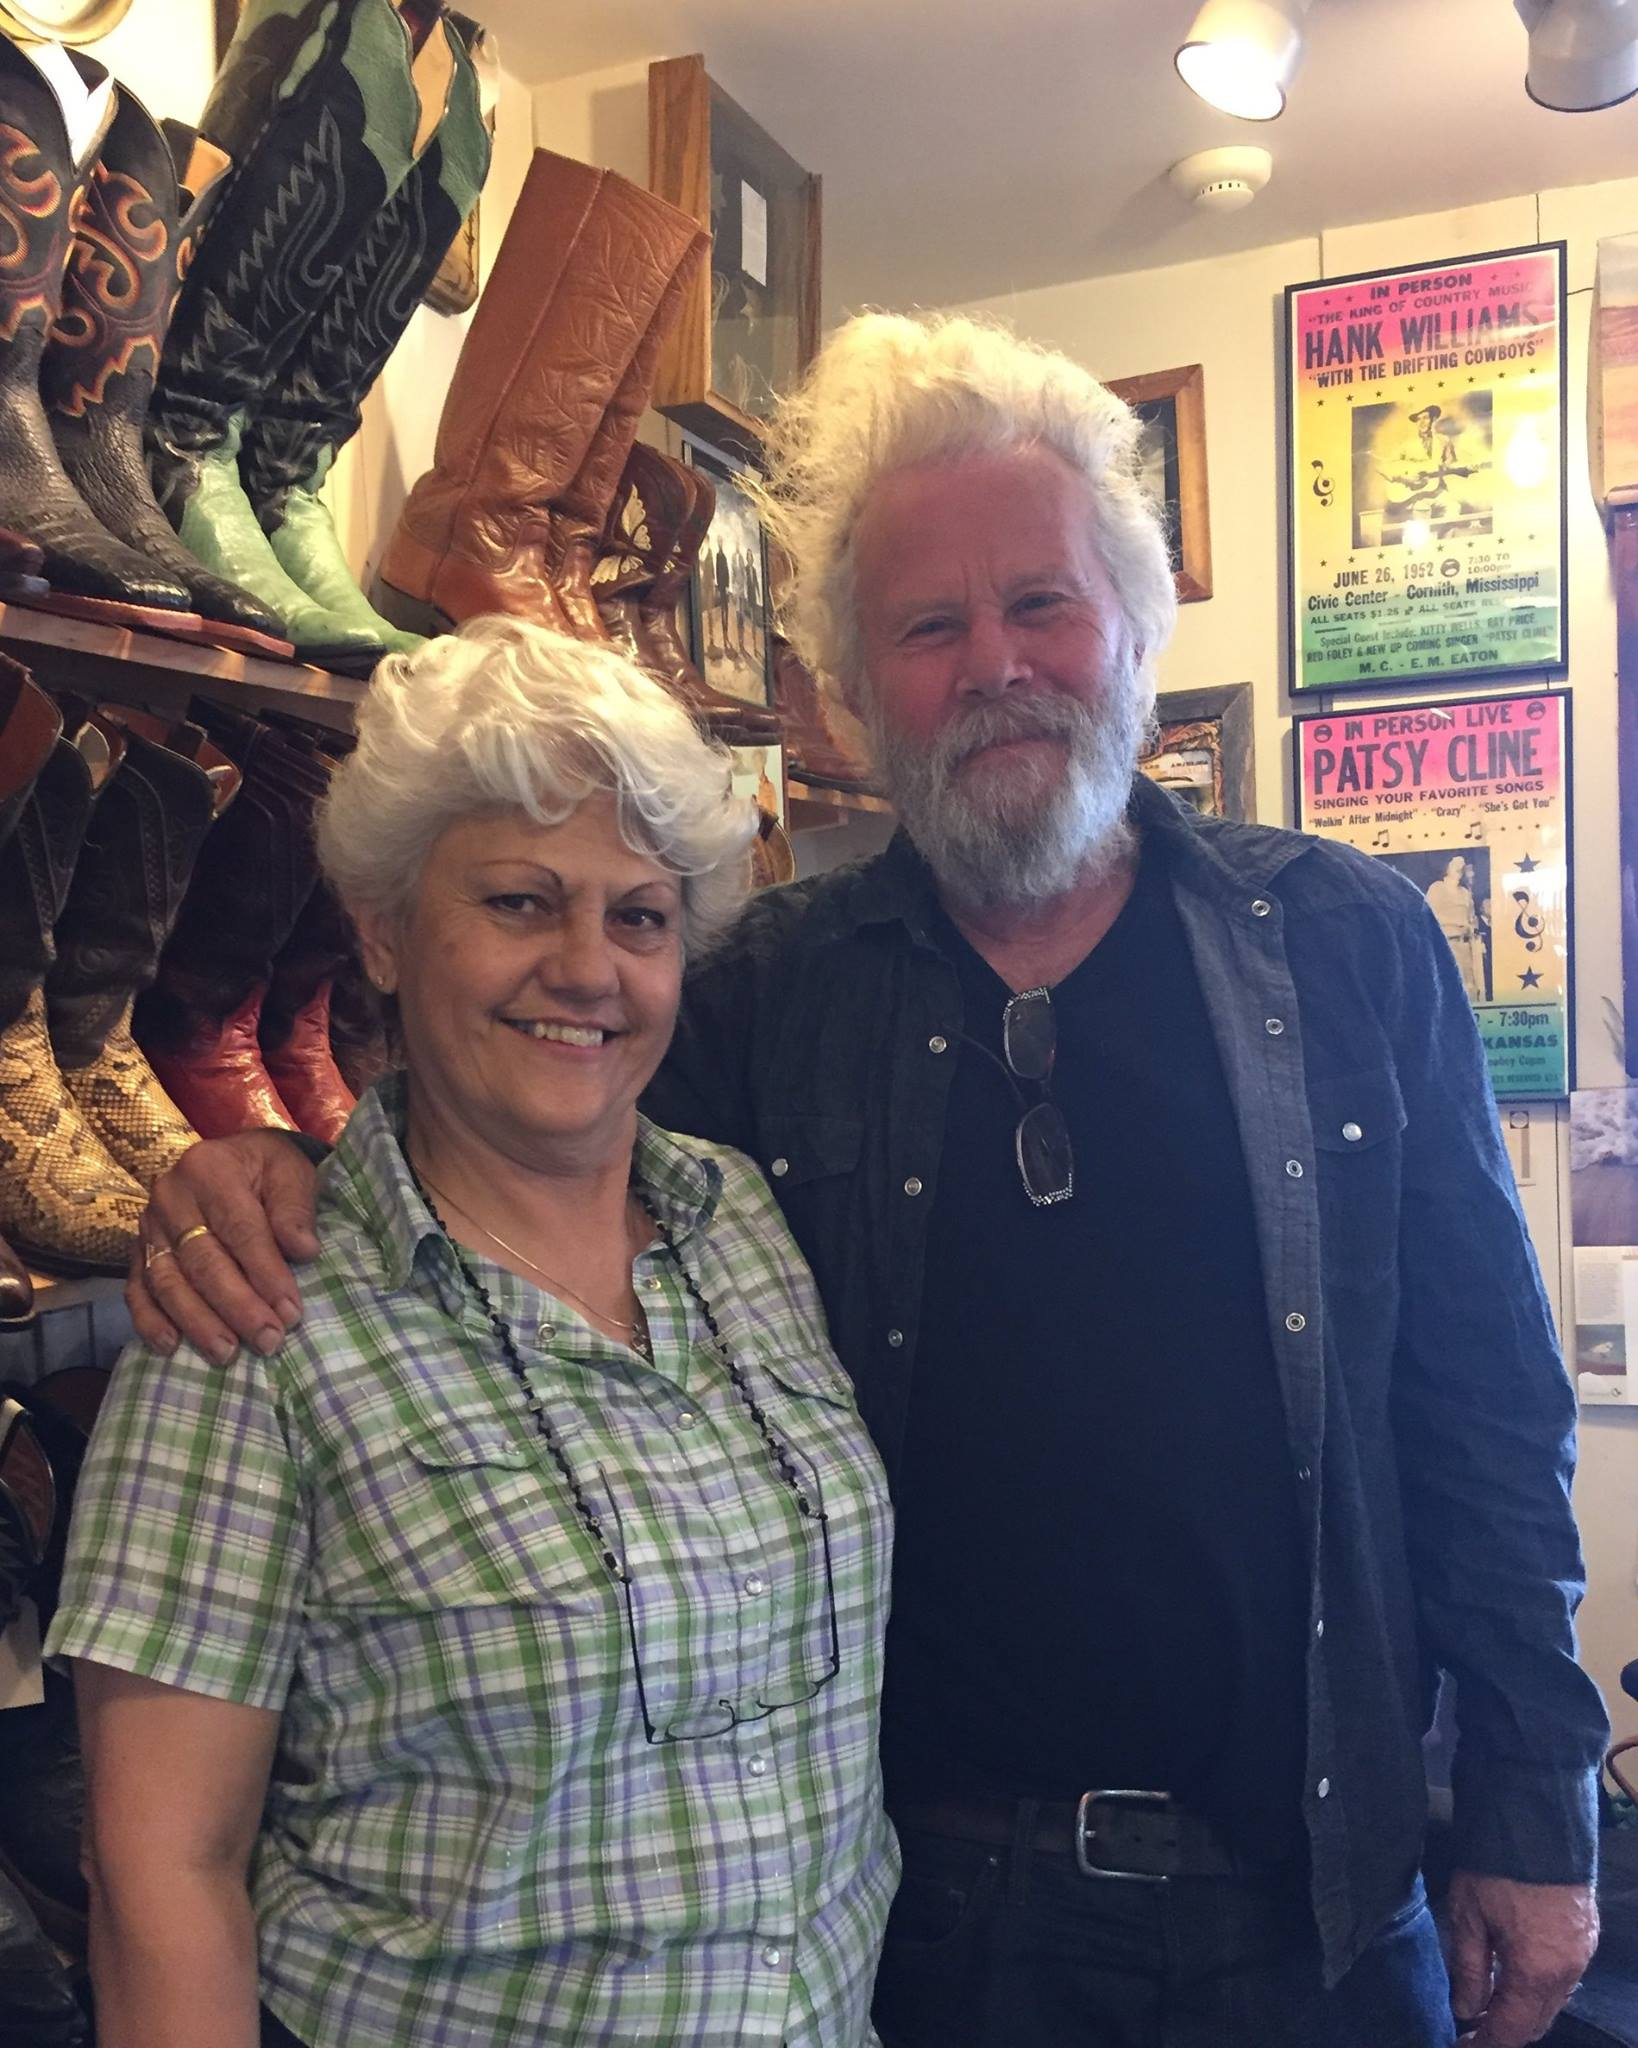 Tom Waits comprándose unas botas en Santa Fe durante el rodaje de The Ballad of Buster Scruggs.